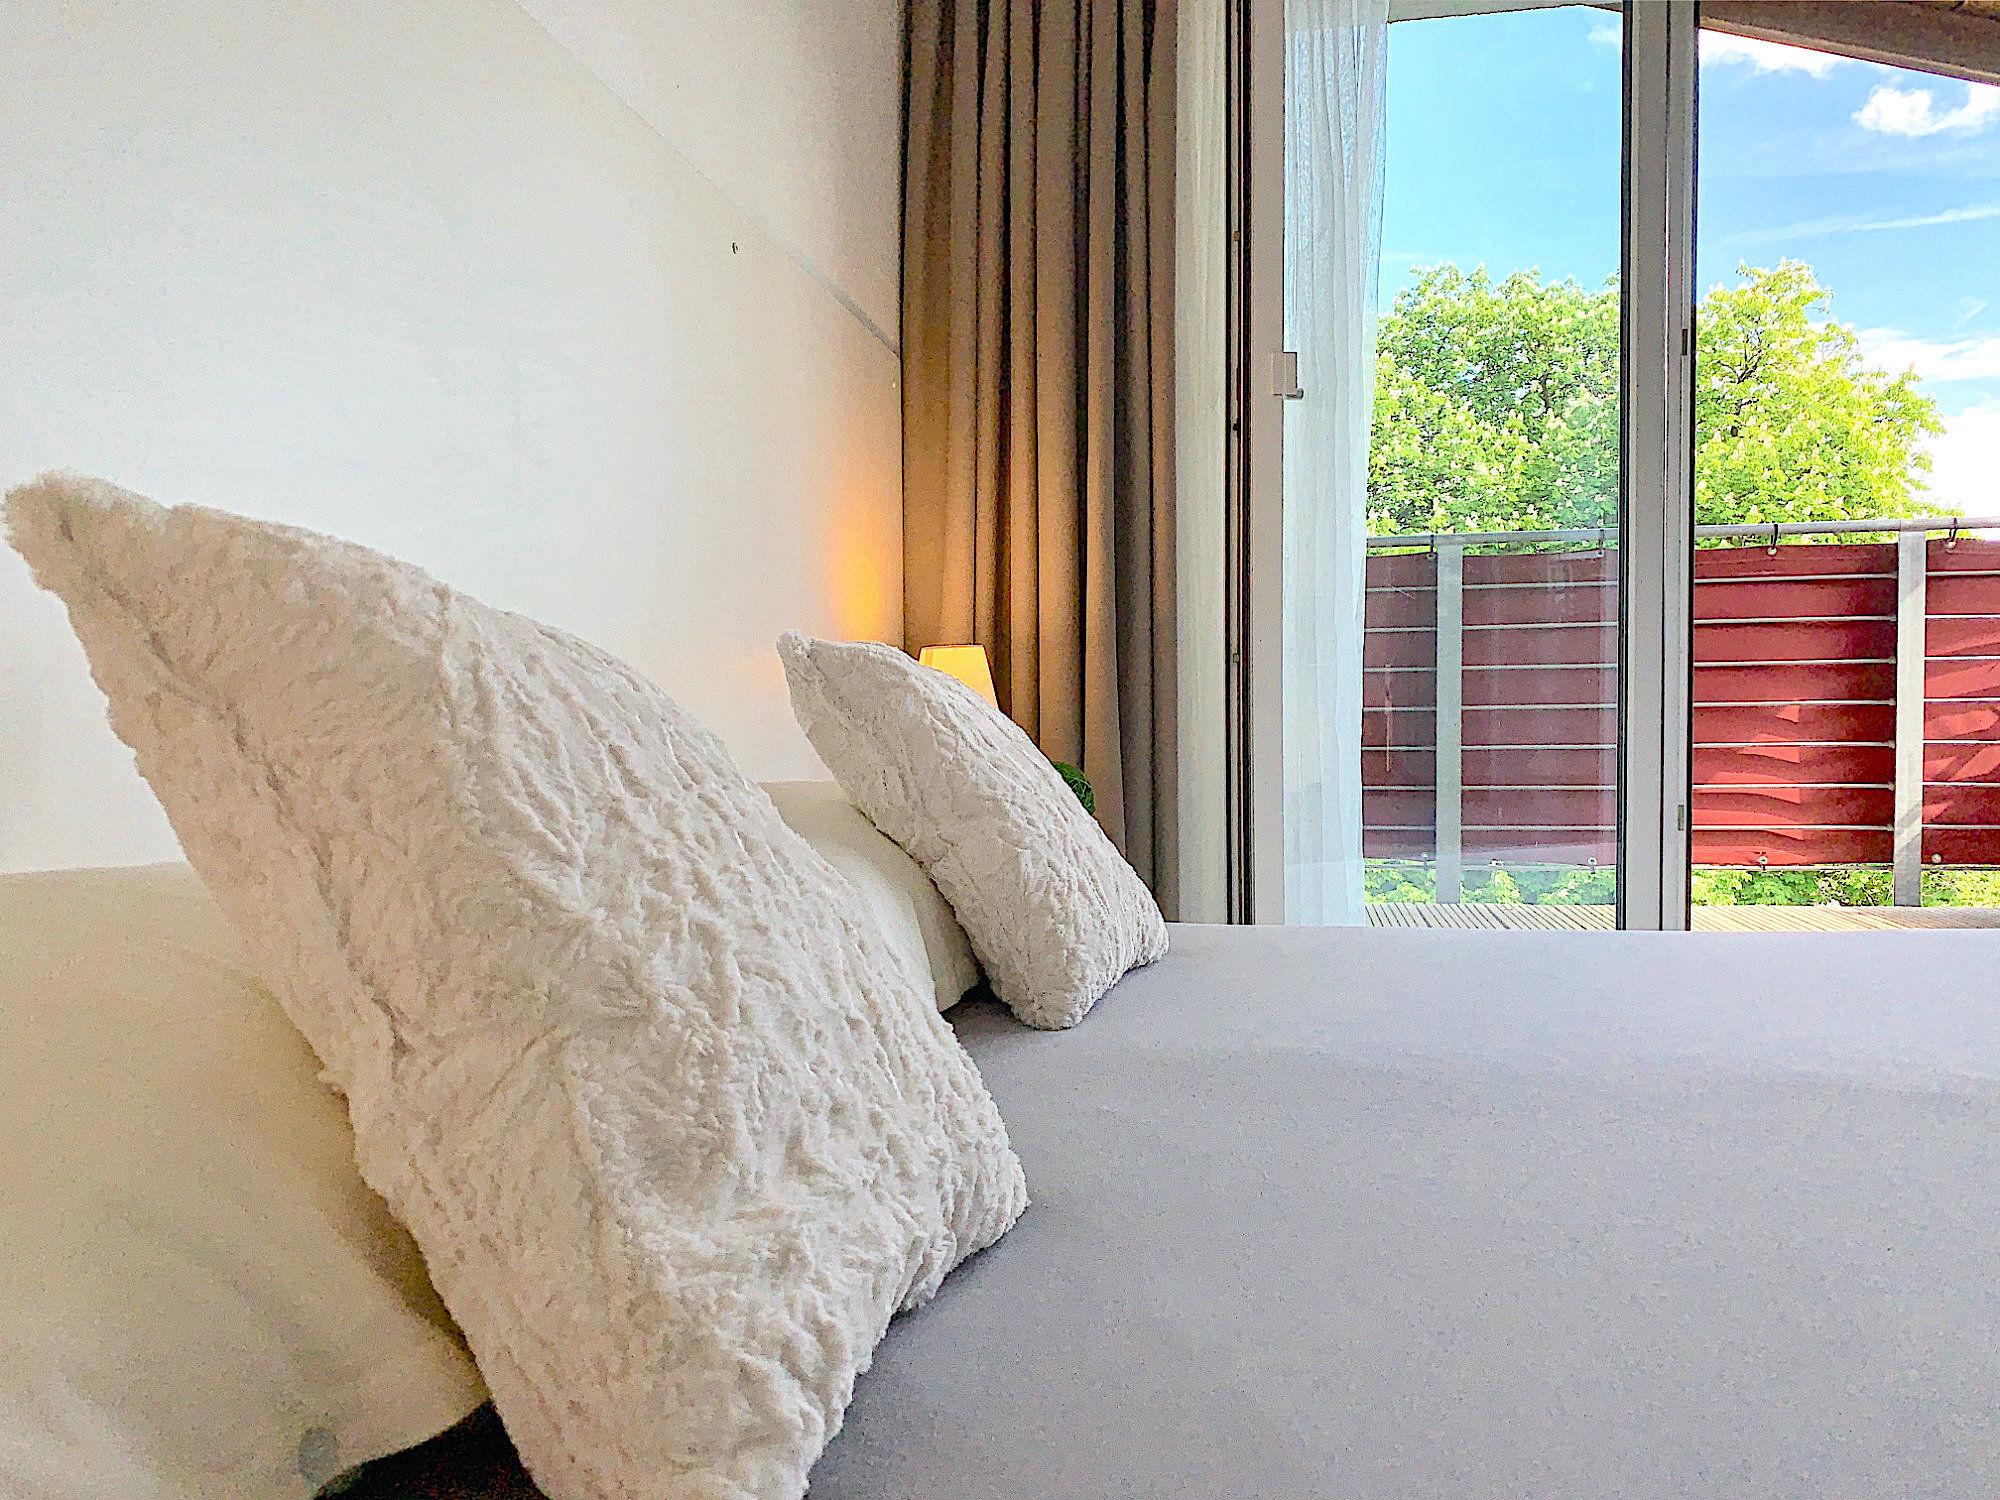 Zweites Schlafzimmer mit Doppelbett, Kopfteil mit Kopfkissen, im Hintergrund bodentiefe Fenster mit Zugang zum Balkon